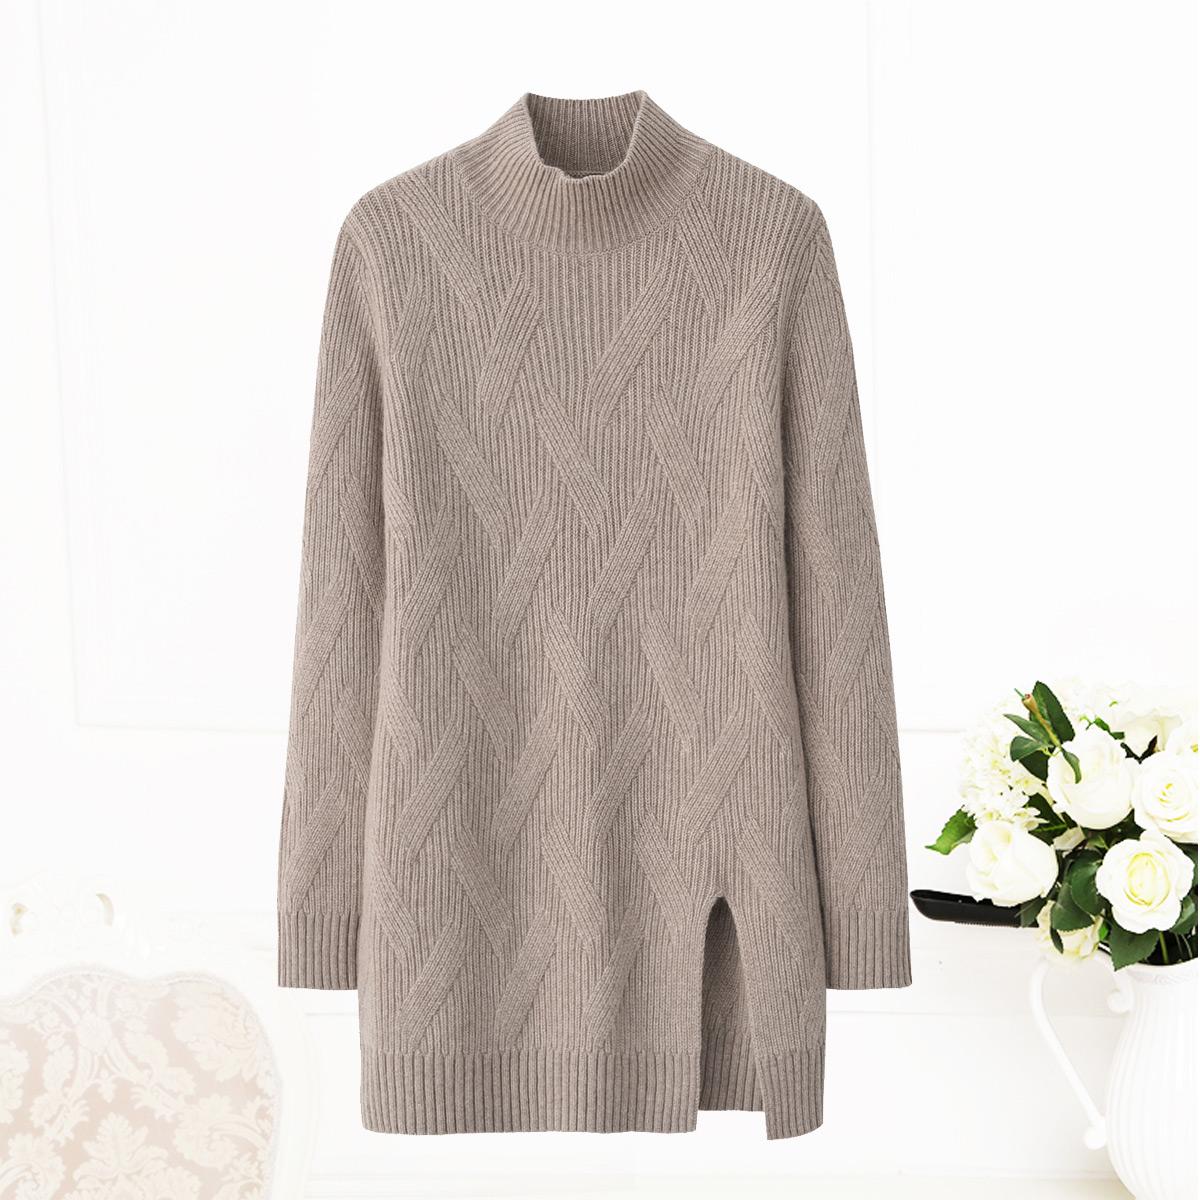 女士显瘦羊绒衫半高领加厚针织连衣裙秋冬新款中长款韩版套头毛衣